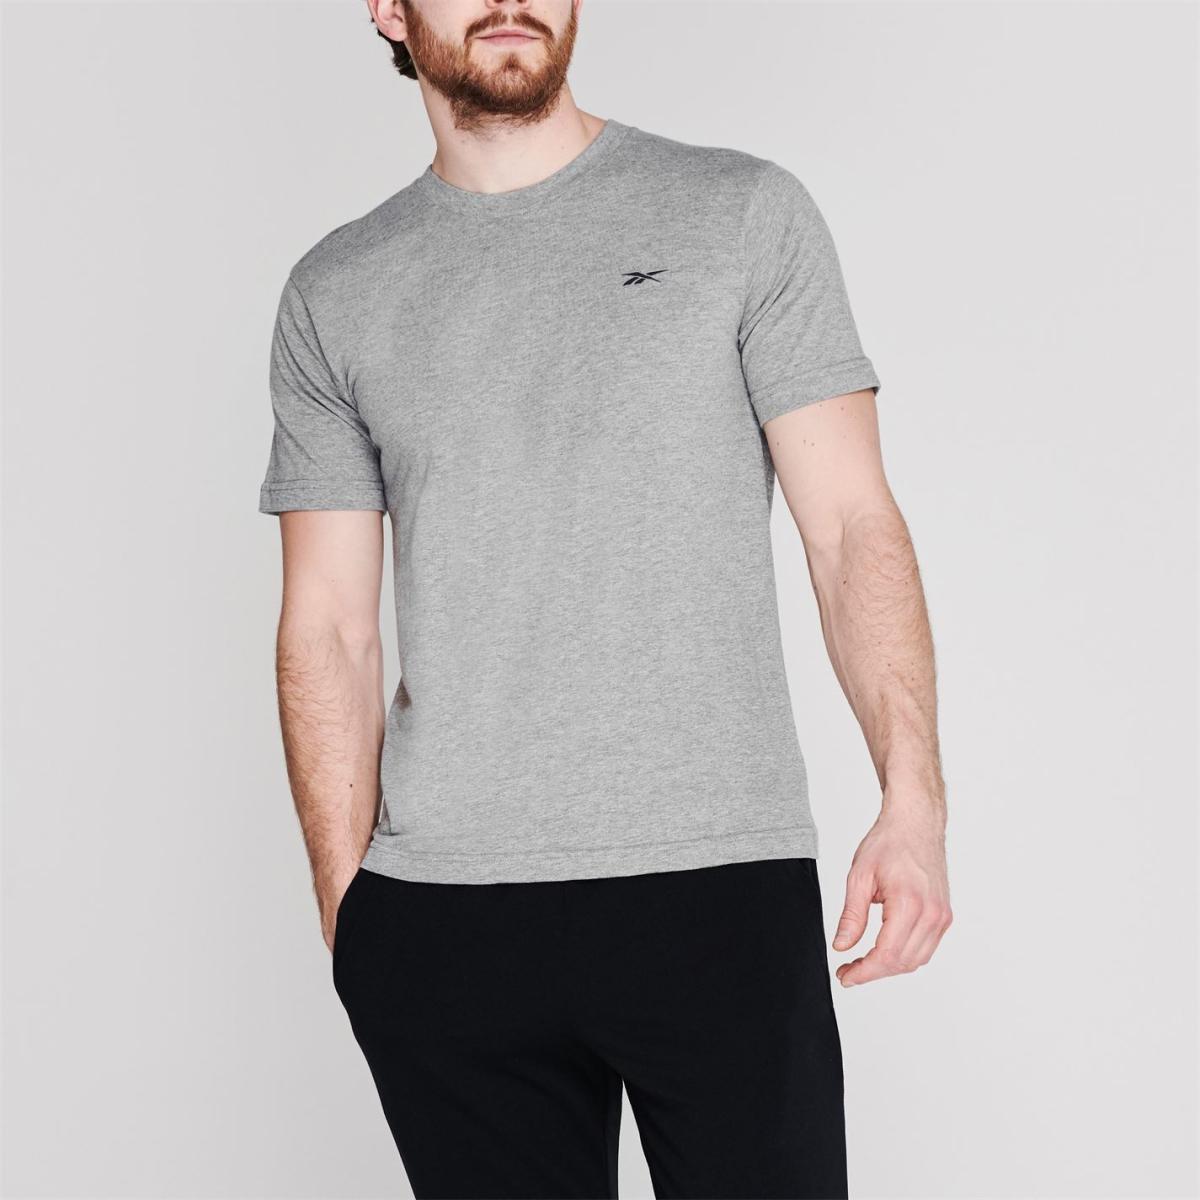 Reebok T-Shirt Herren TShirt T shirt Tee Kurzarm Rundhals Freizeit 2290